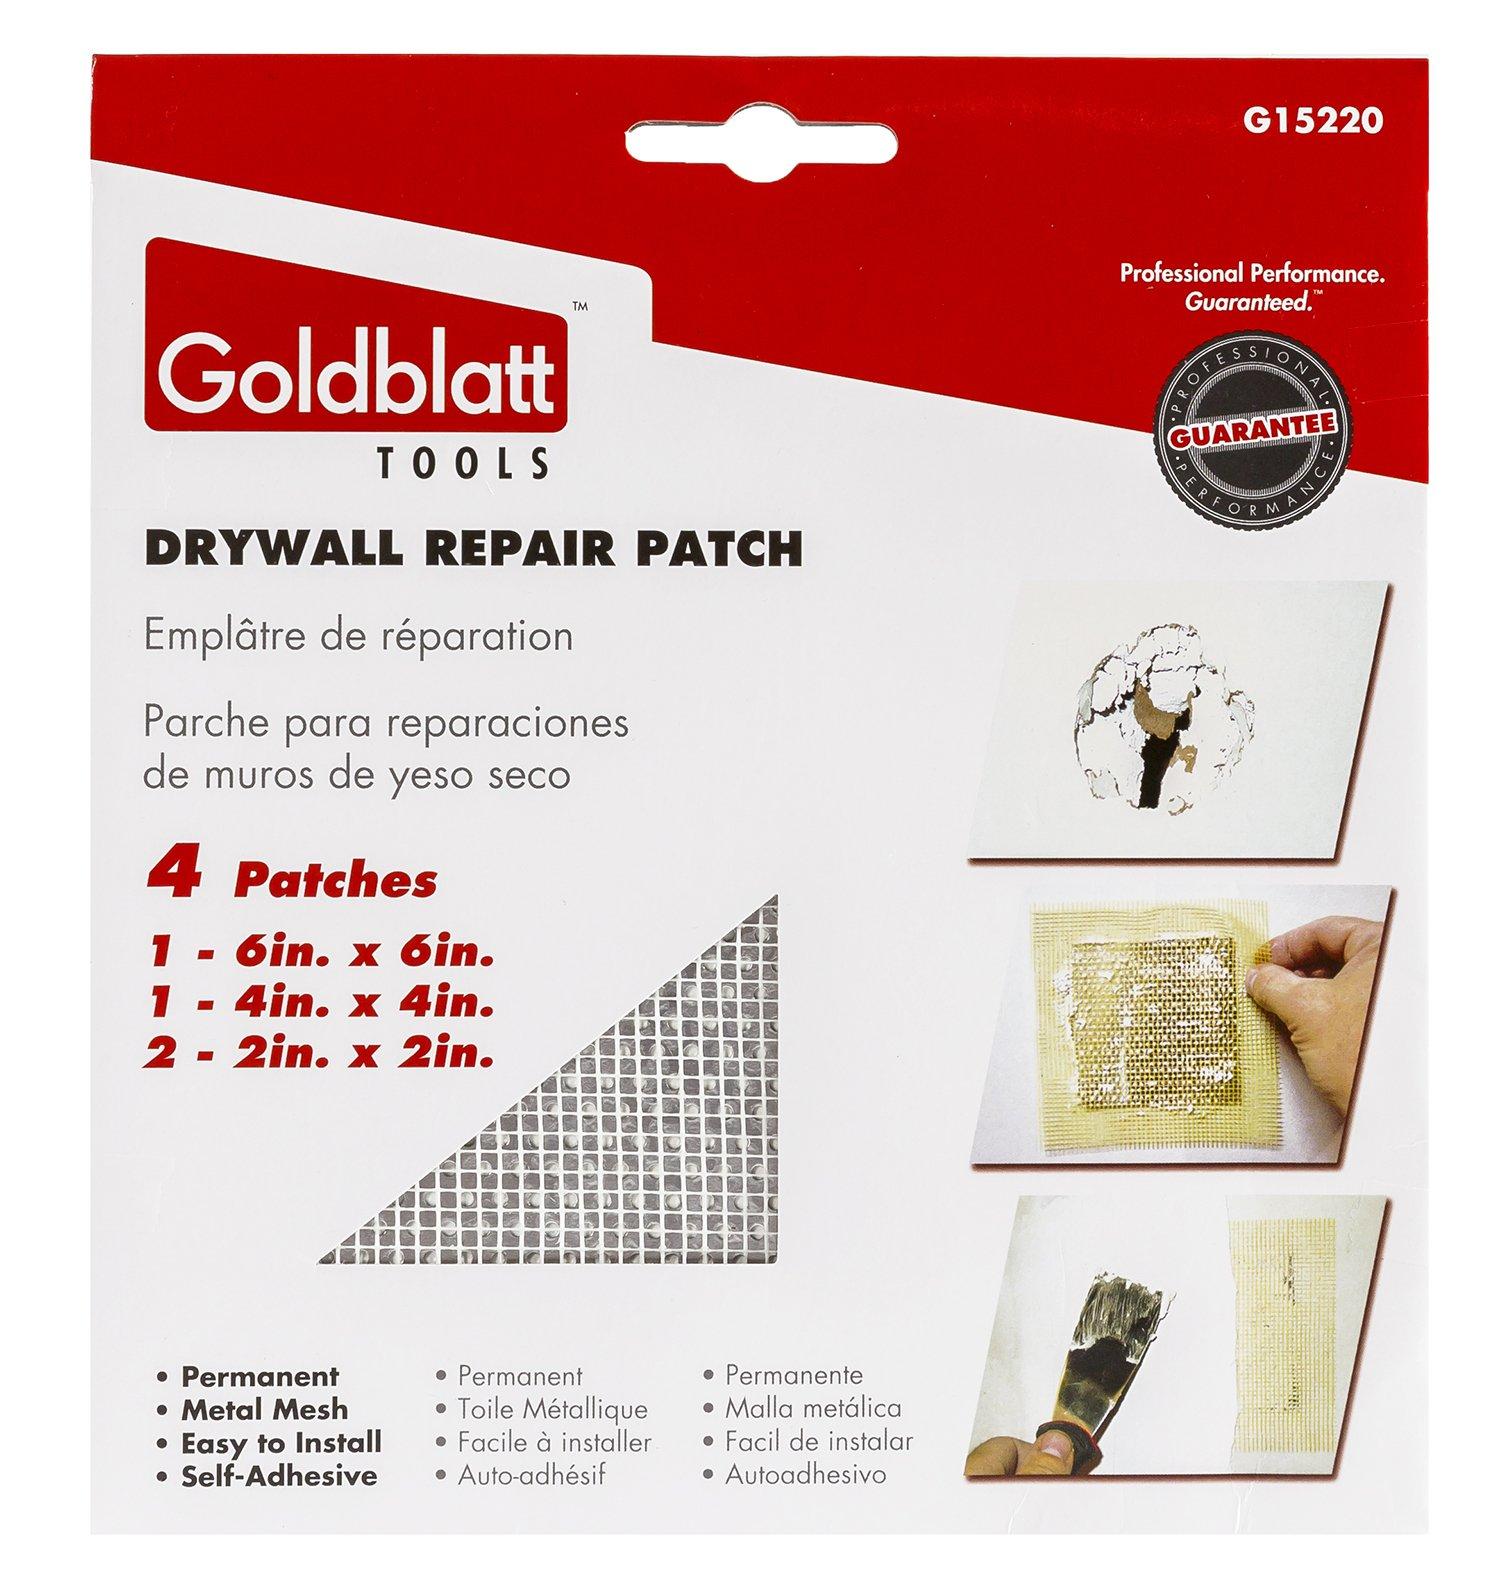 Goldblatt Drywall Repair Patch 4 pk